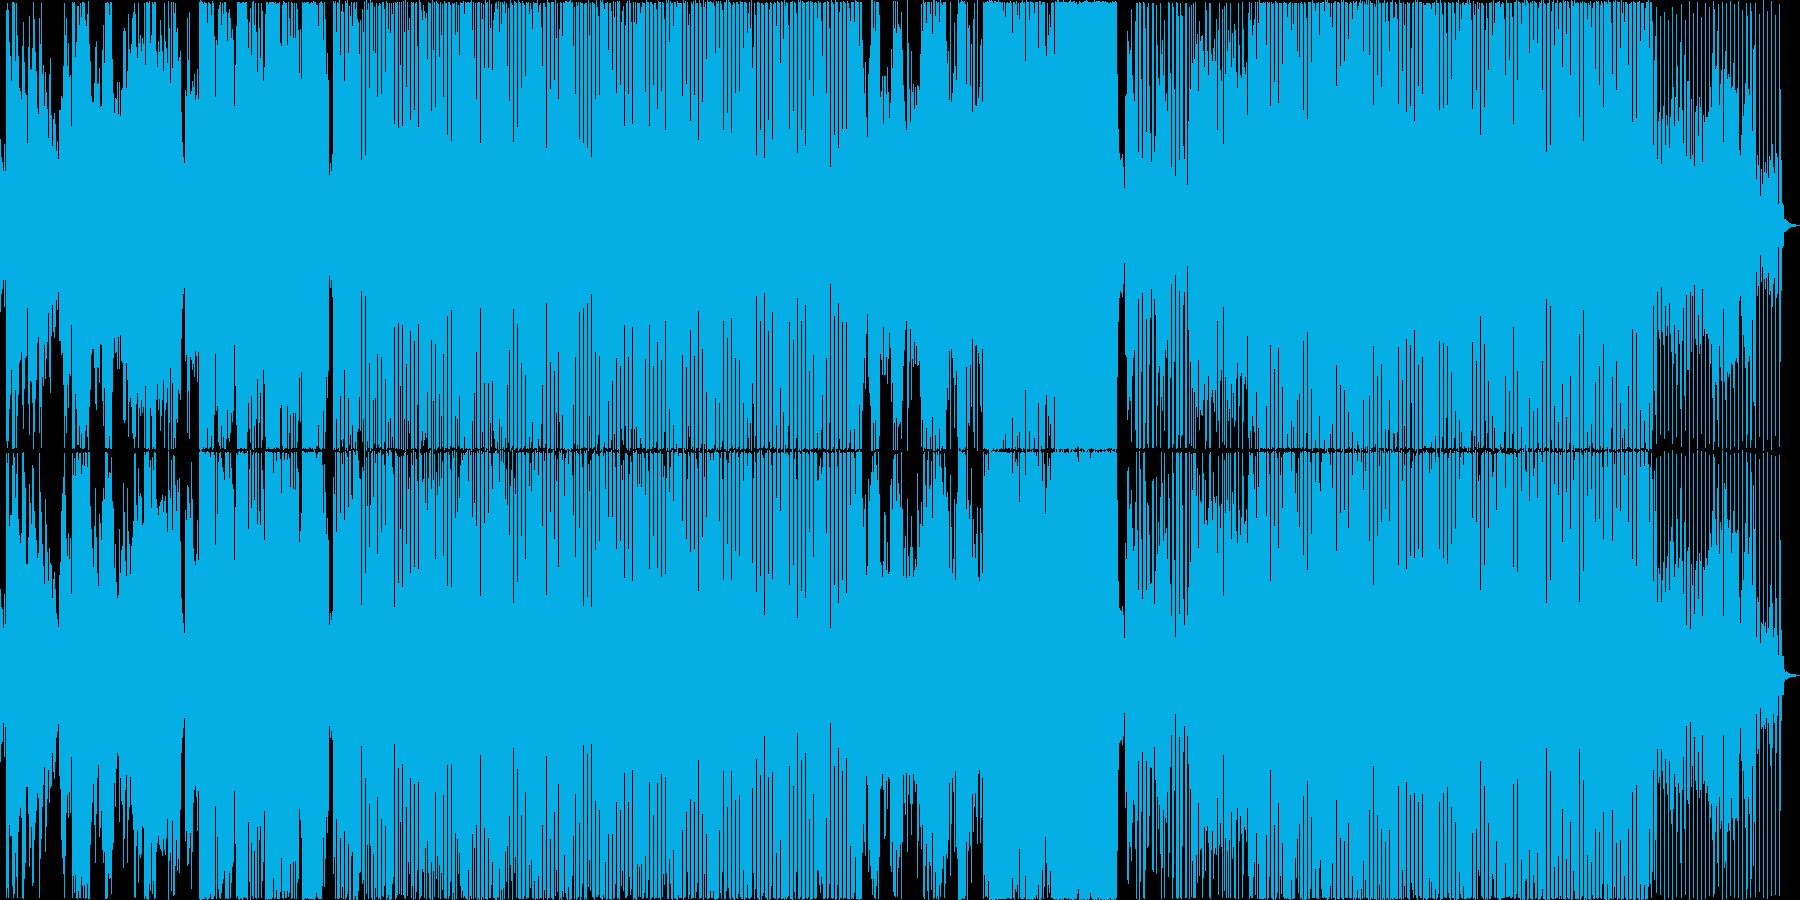 英語詞!エレクトロなソウルミュージックの再生済みの波形